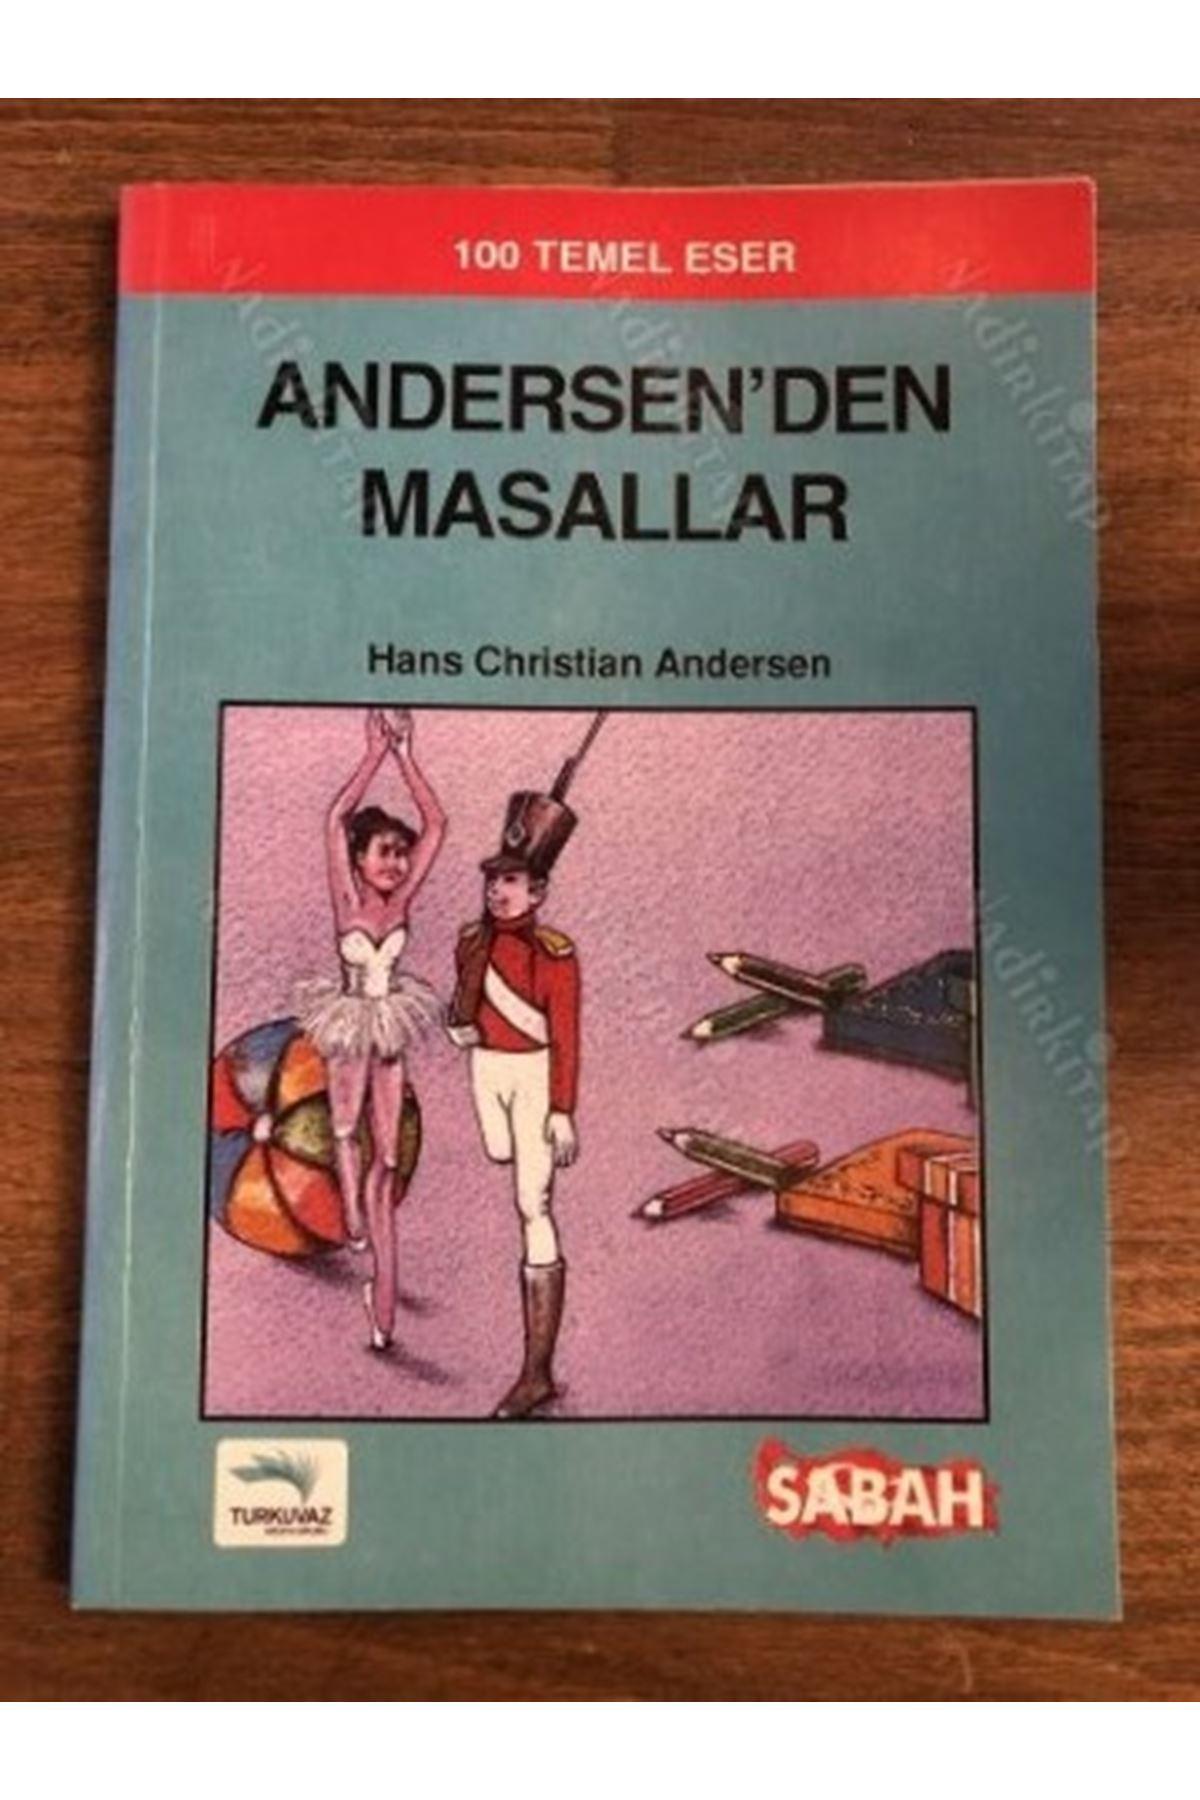 HANS CHRİSTİAN ANDERSEN - ANDERSEN'DEN MASALLAR